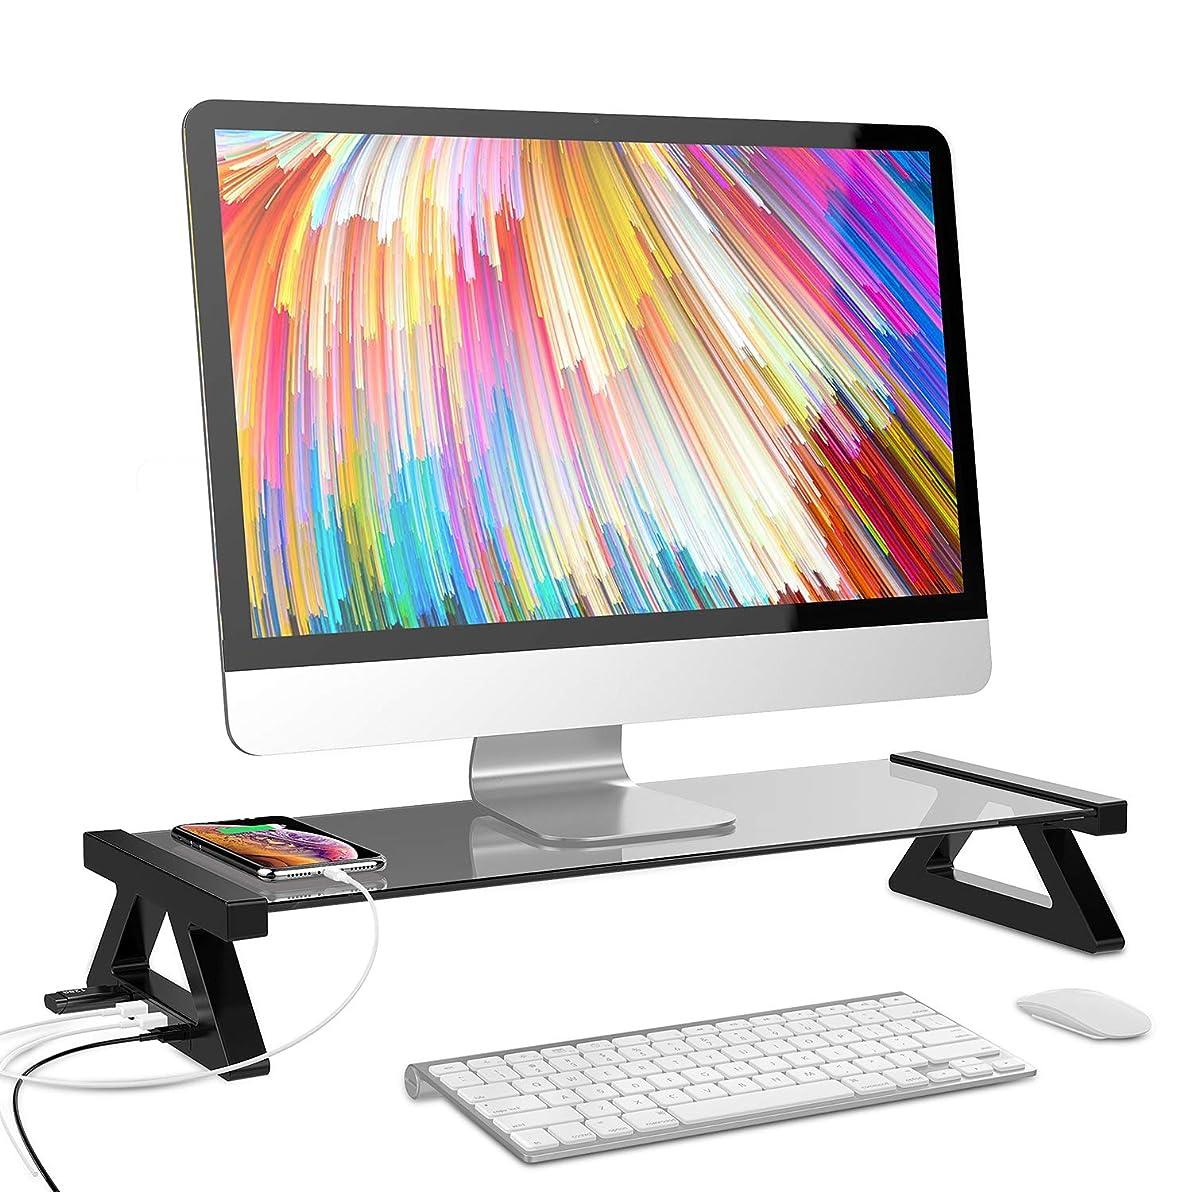 偽装するベーシック承認するYINGYU 机上台 モニタースタンド USBポート付き キーボード収納 強化ガラス製 デスク 卓上 収納整理 幅500㎜ (グレー)